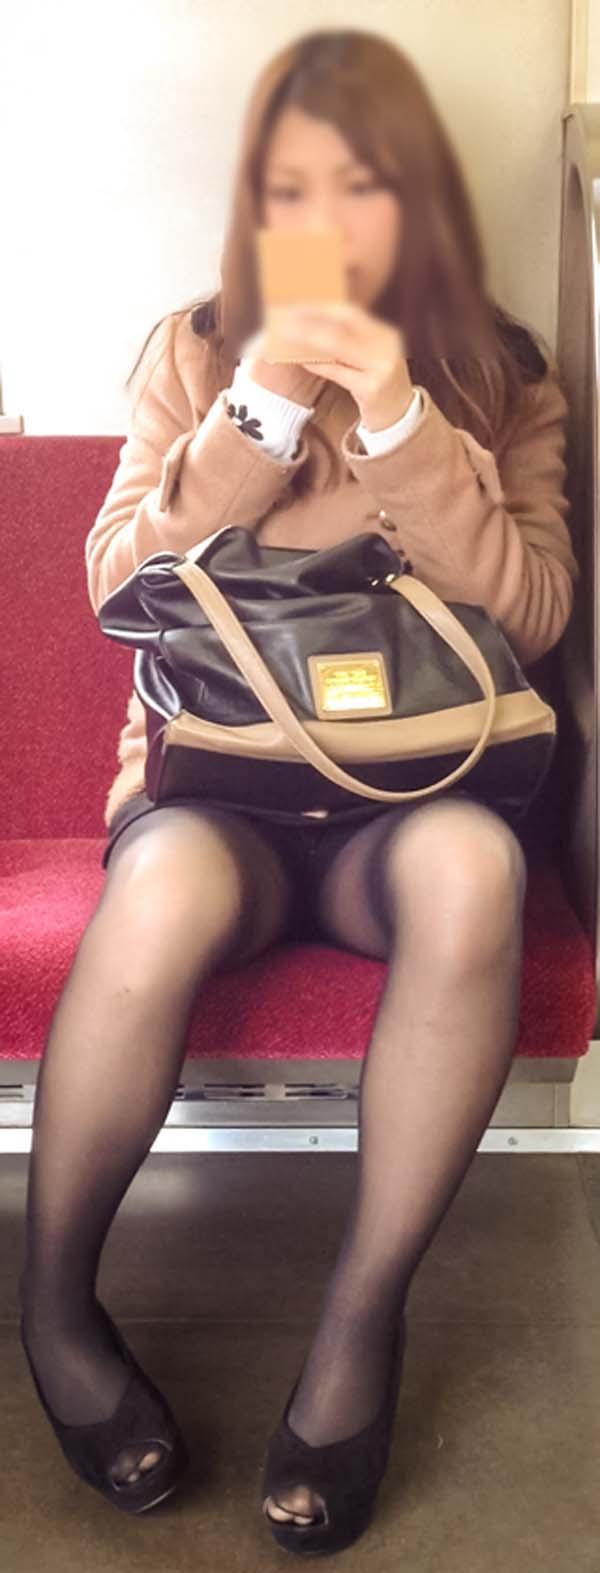 【パンチラエロ画像】熱い視線が対面から突き刺さる!電車内の隙ありパンチラwww 02